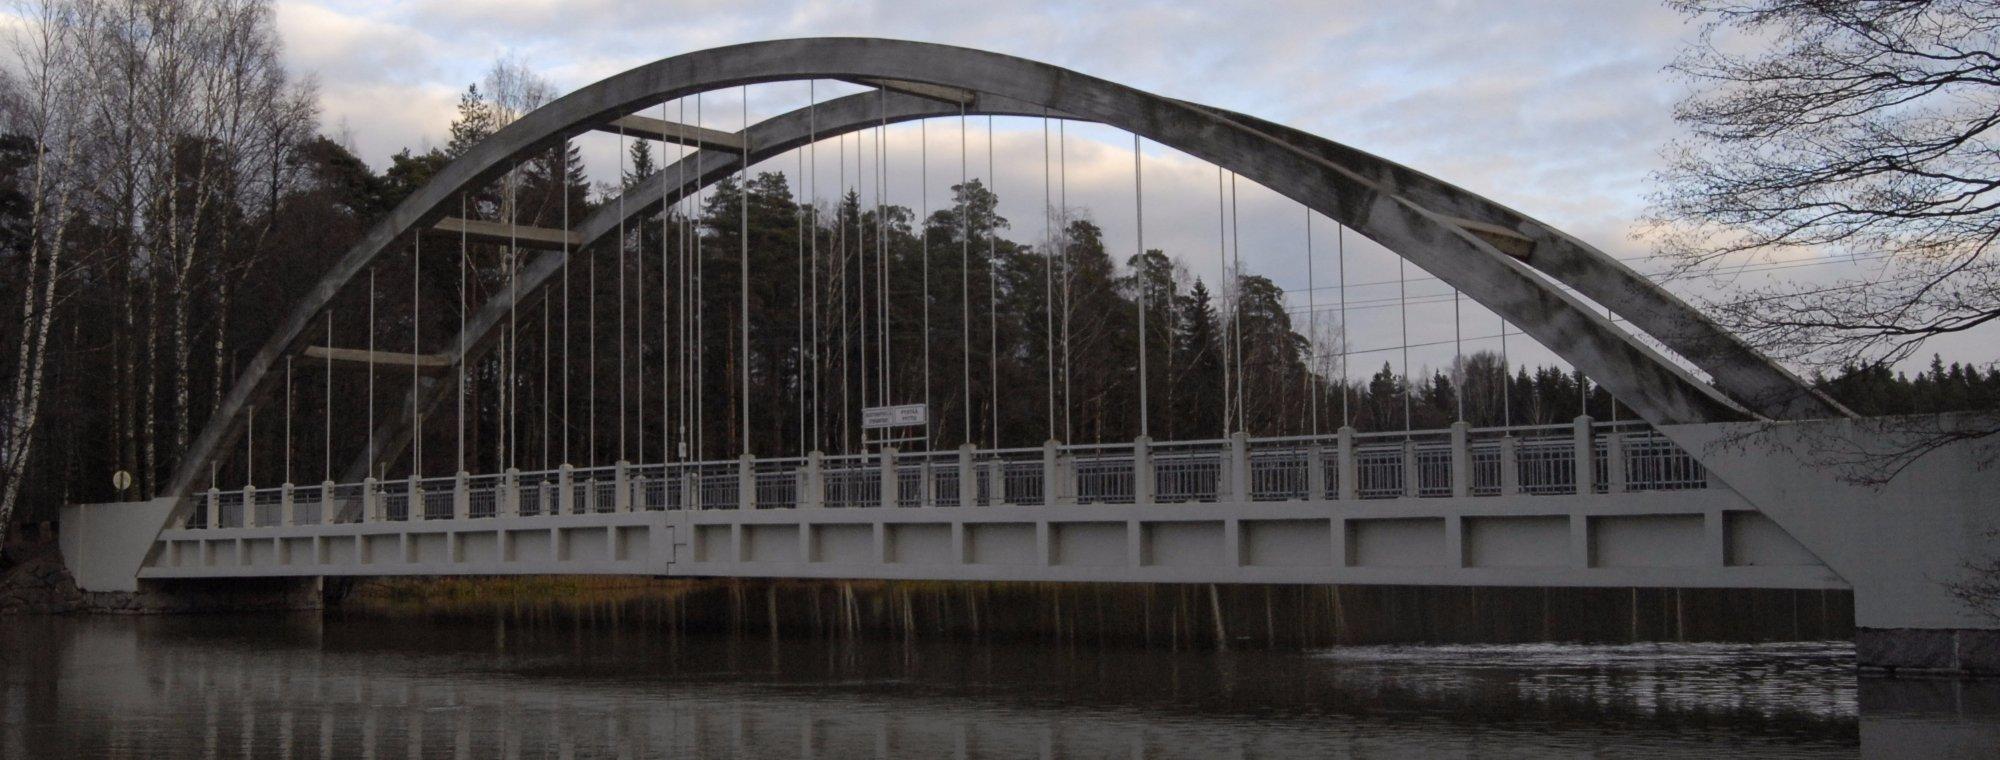 Savukoski Bridge